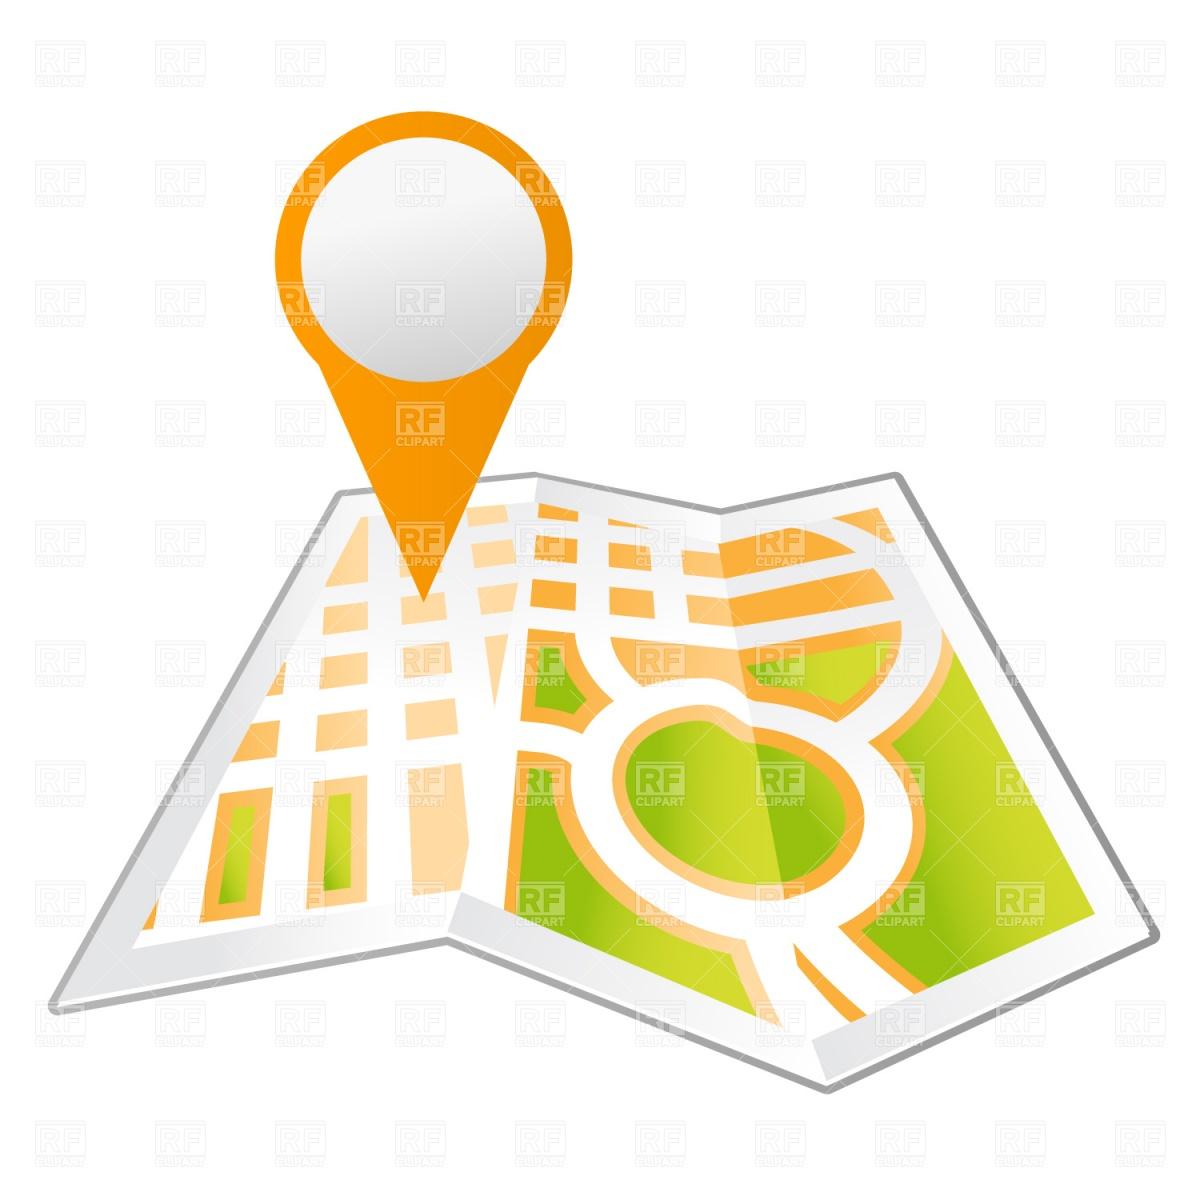 Google map images clipart clipart transparent library Google map pin point clipart - ClipartFest clipart transparent library